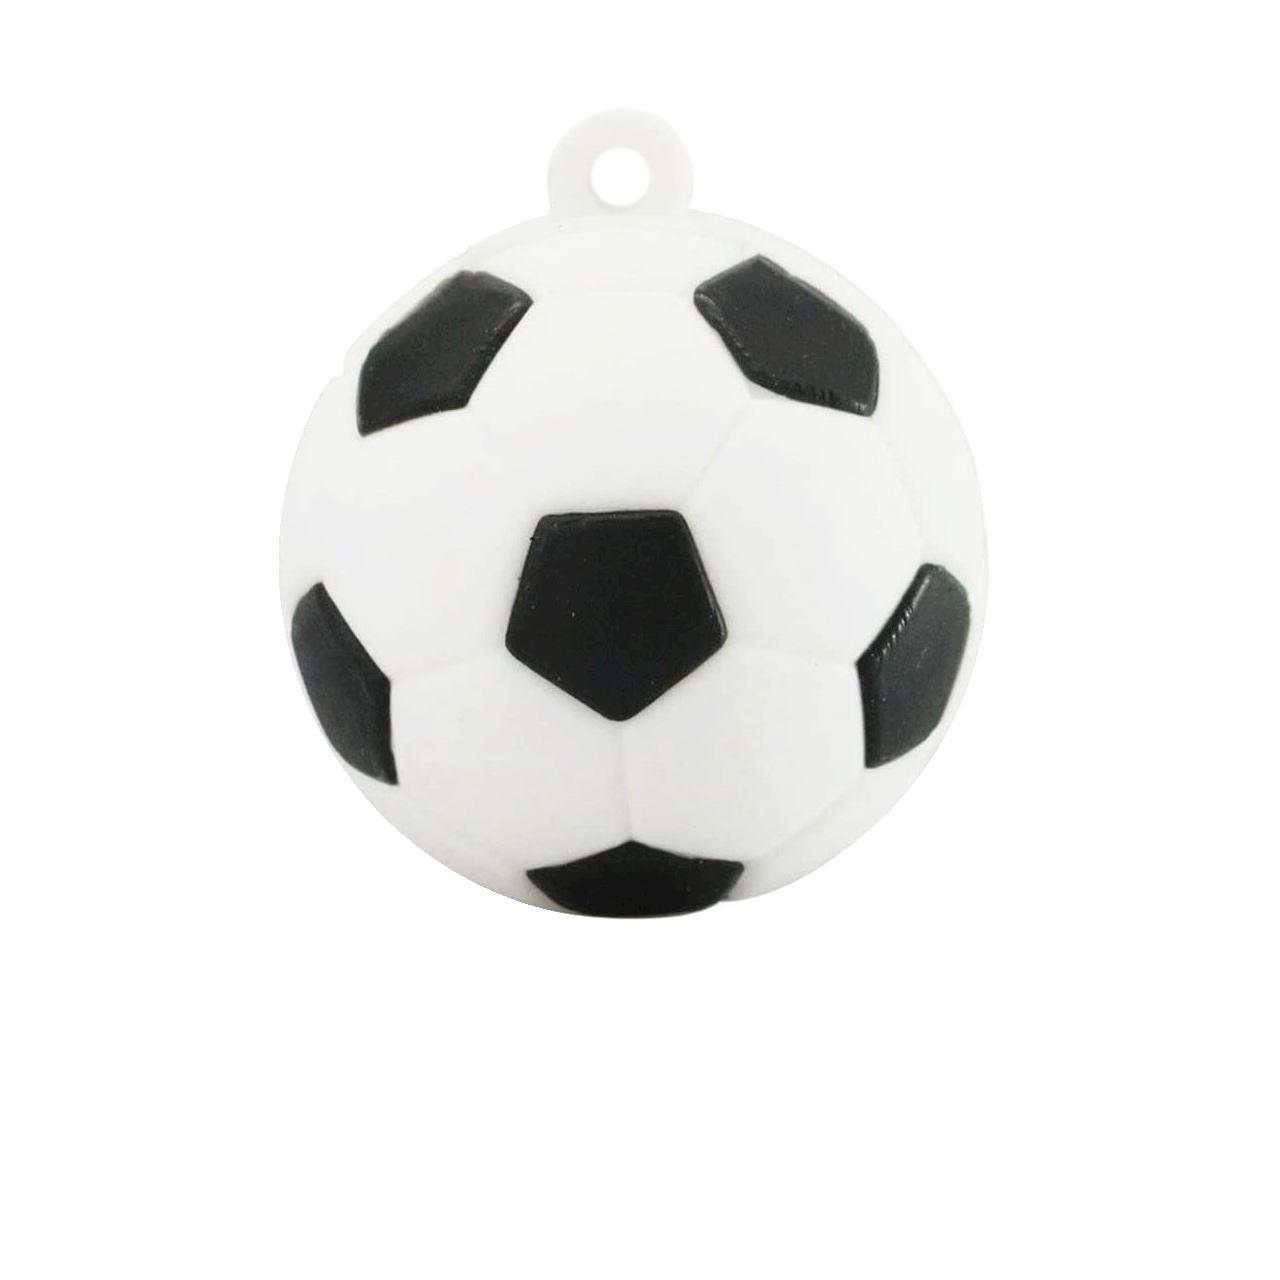 بررسی و {خرید با تخفیف}                                     فلش مموری طرح Soccer ball مدل DPL1114 ظرفیت 16 گیگابایت                             اصل